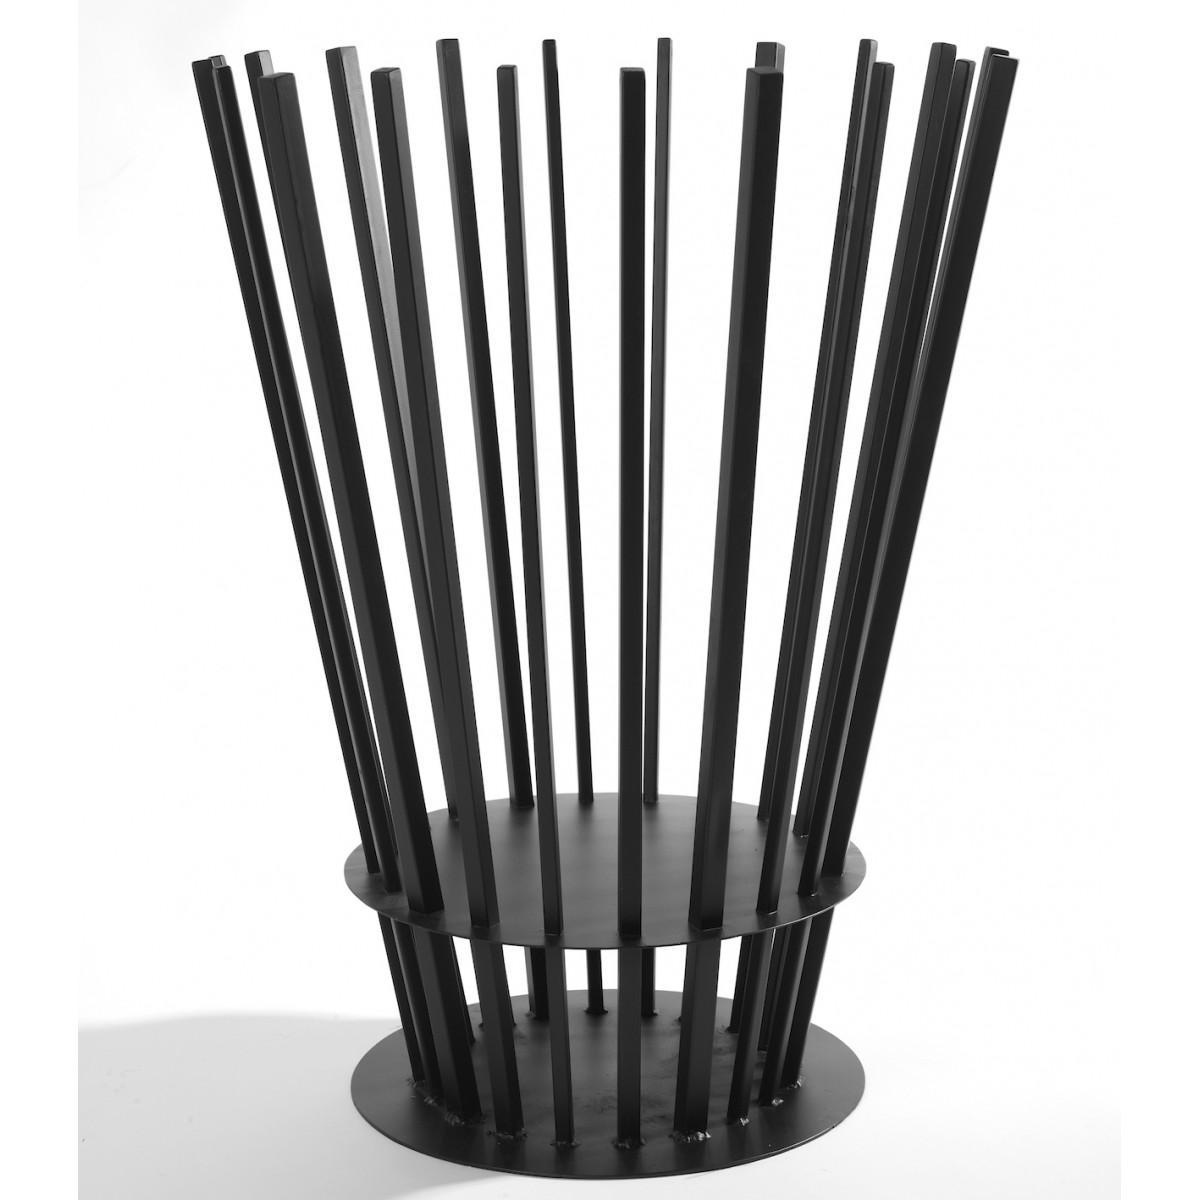 panier bras ro en m tal noir serax site fran ais de vente d 39 objets de. Black Bedroom Furniture Sets. Home Design Ideas